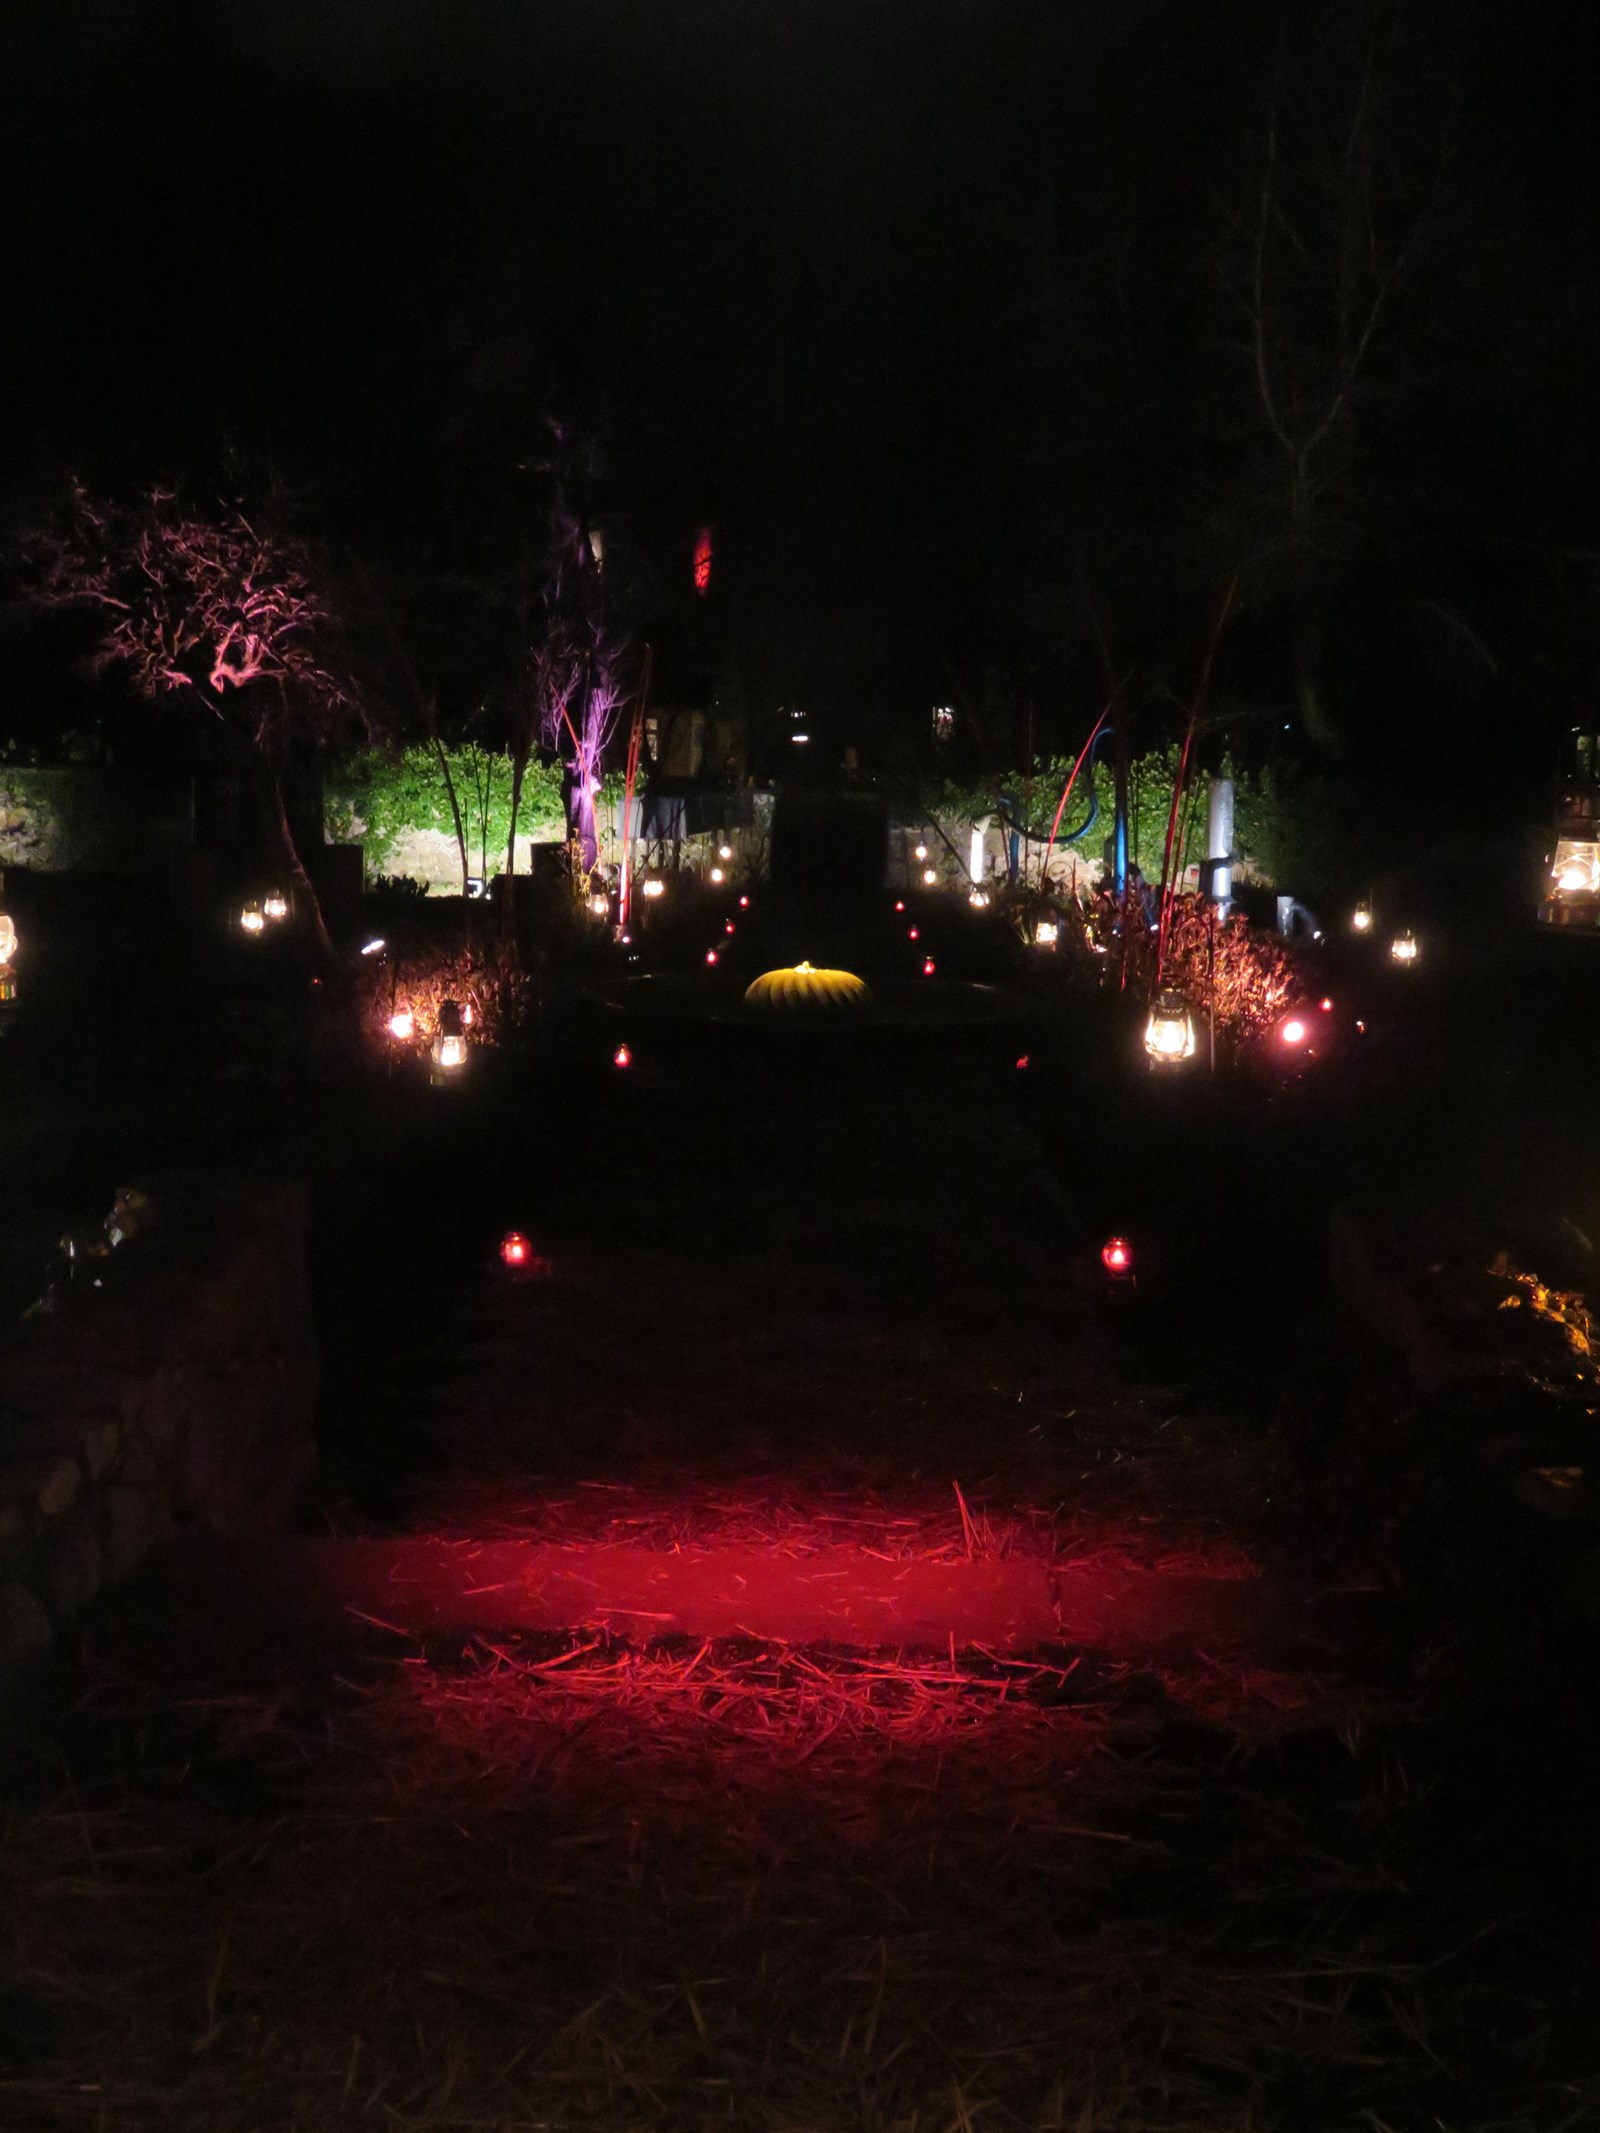 Noël au jardin 2015 - © Parc de Wesserling